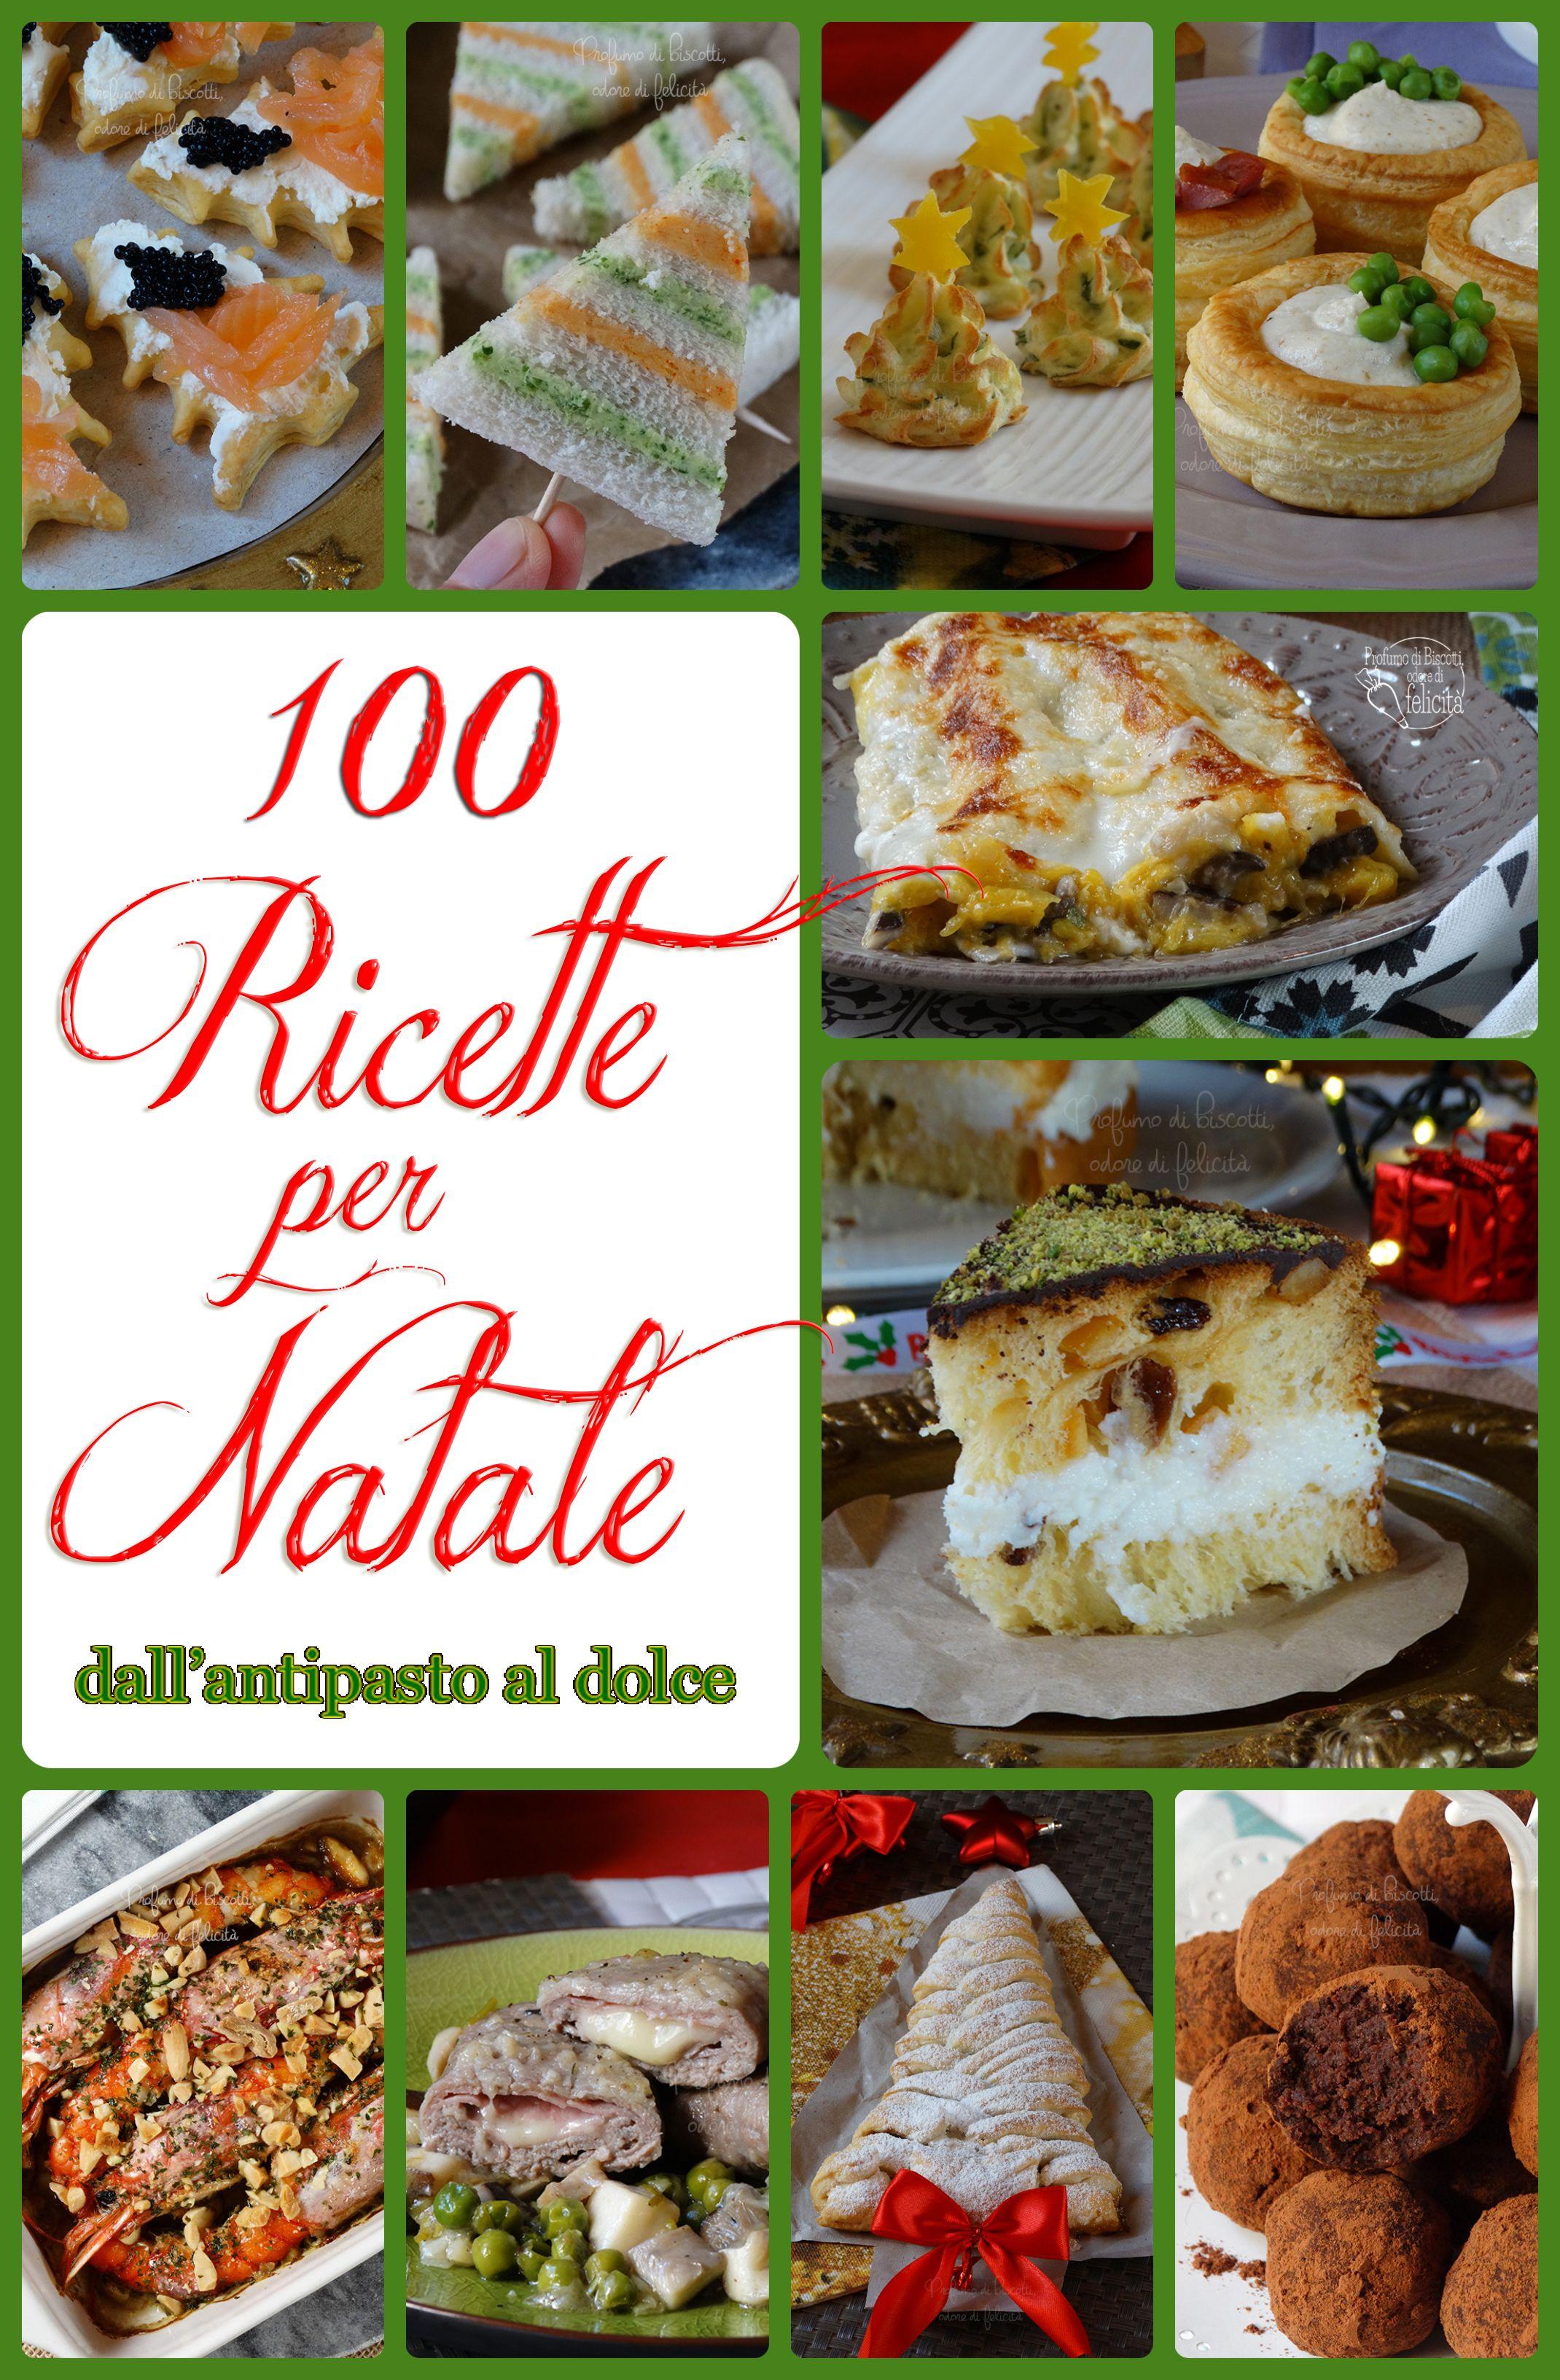 Ricette per Natale - 100 idee dall\'antipasto al dolce | LIBRI CUCINA